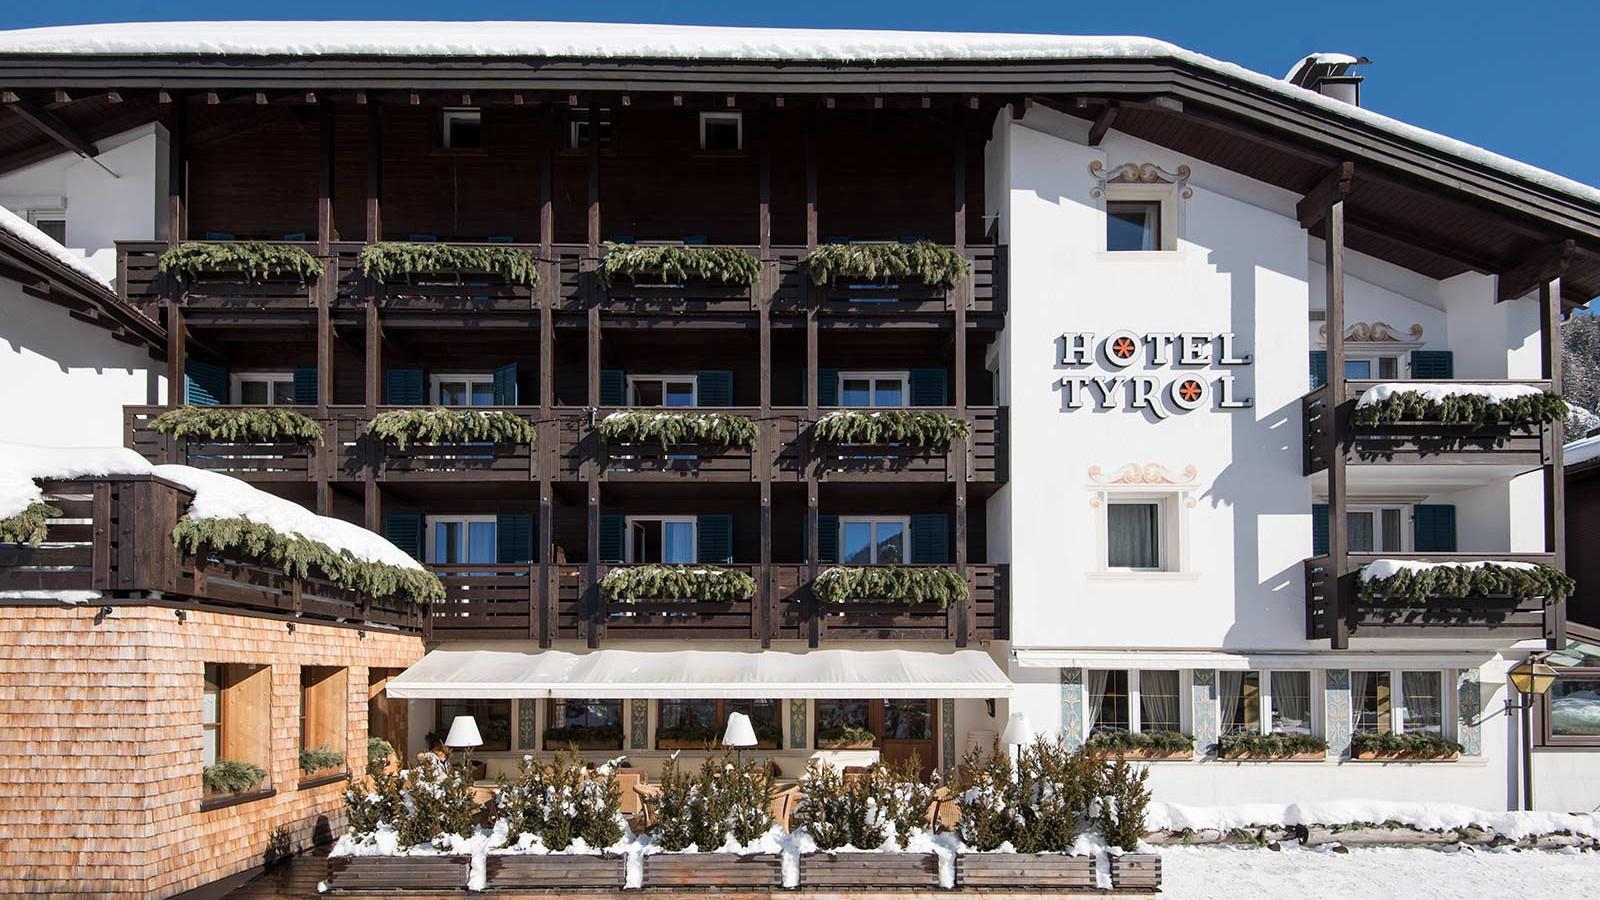 Hotel Tyrol, Selva Val Gardena - Exterior